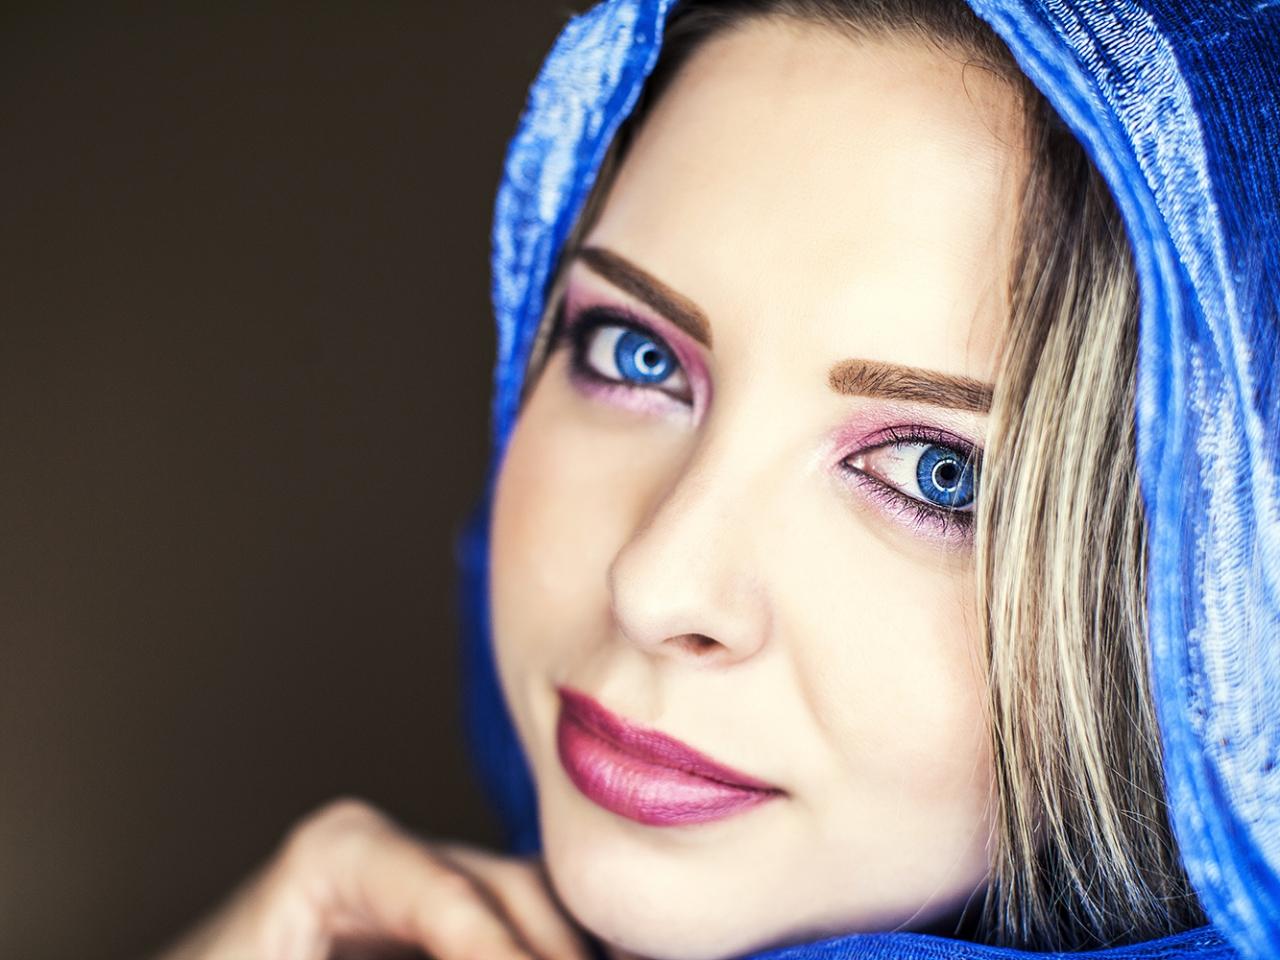 Bella mujer de ojos azules - 1280x960